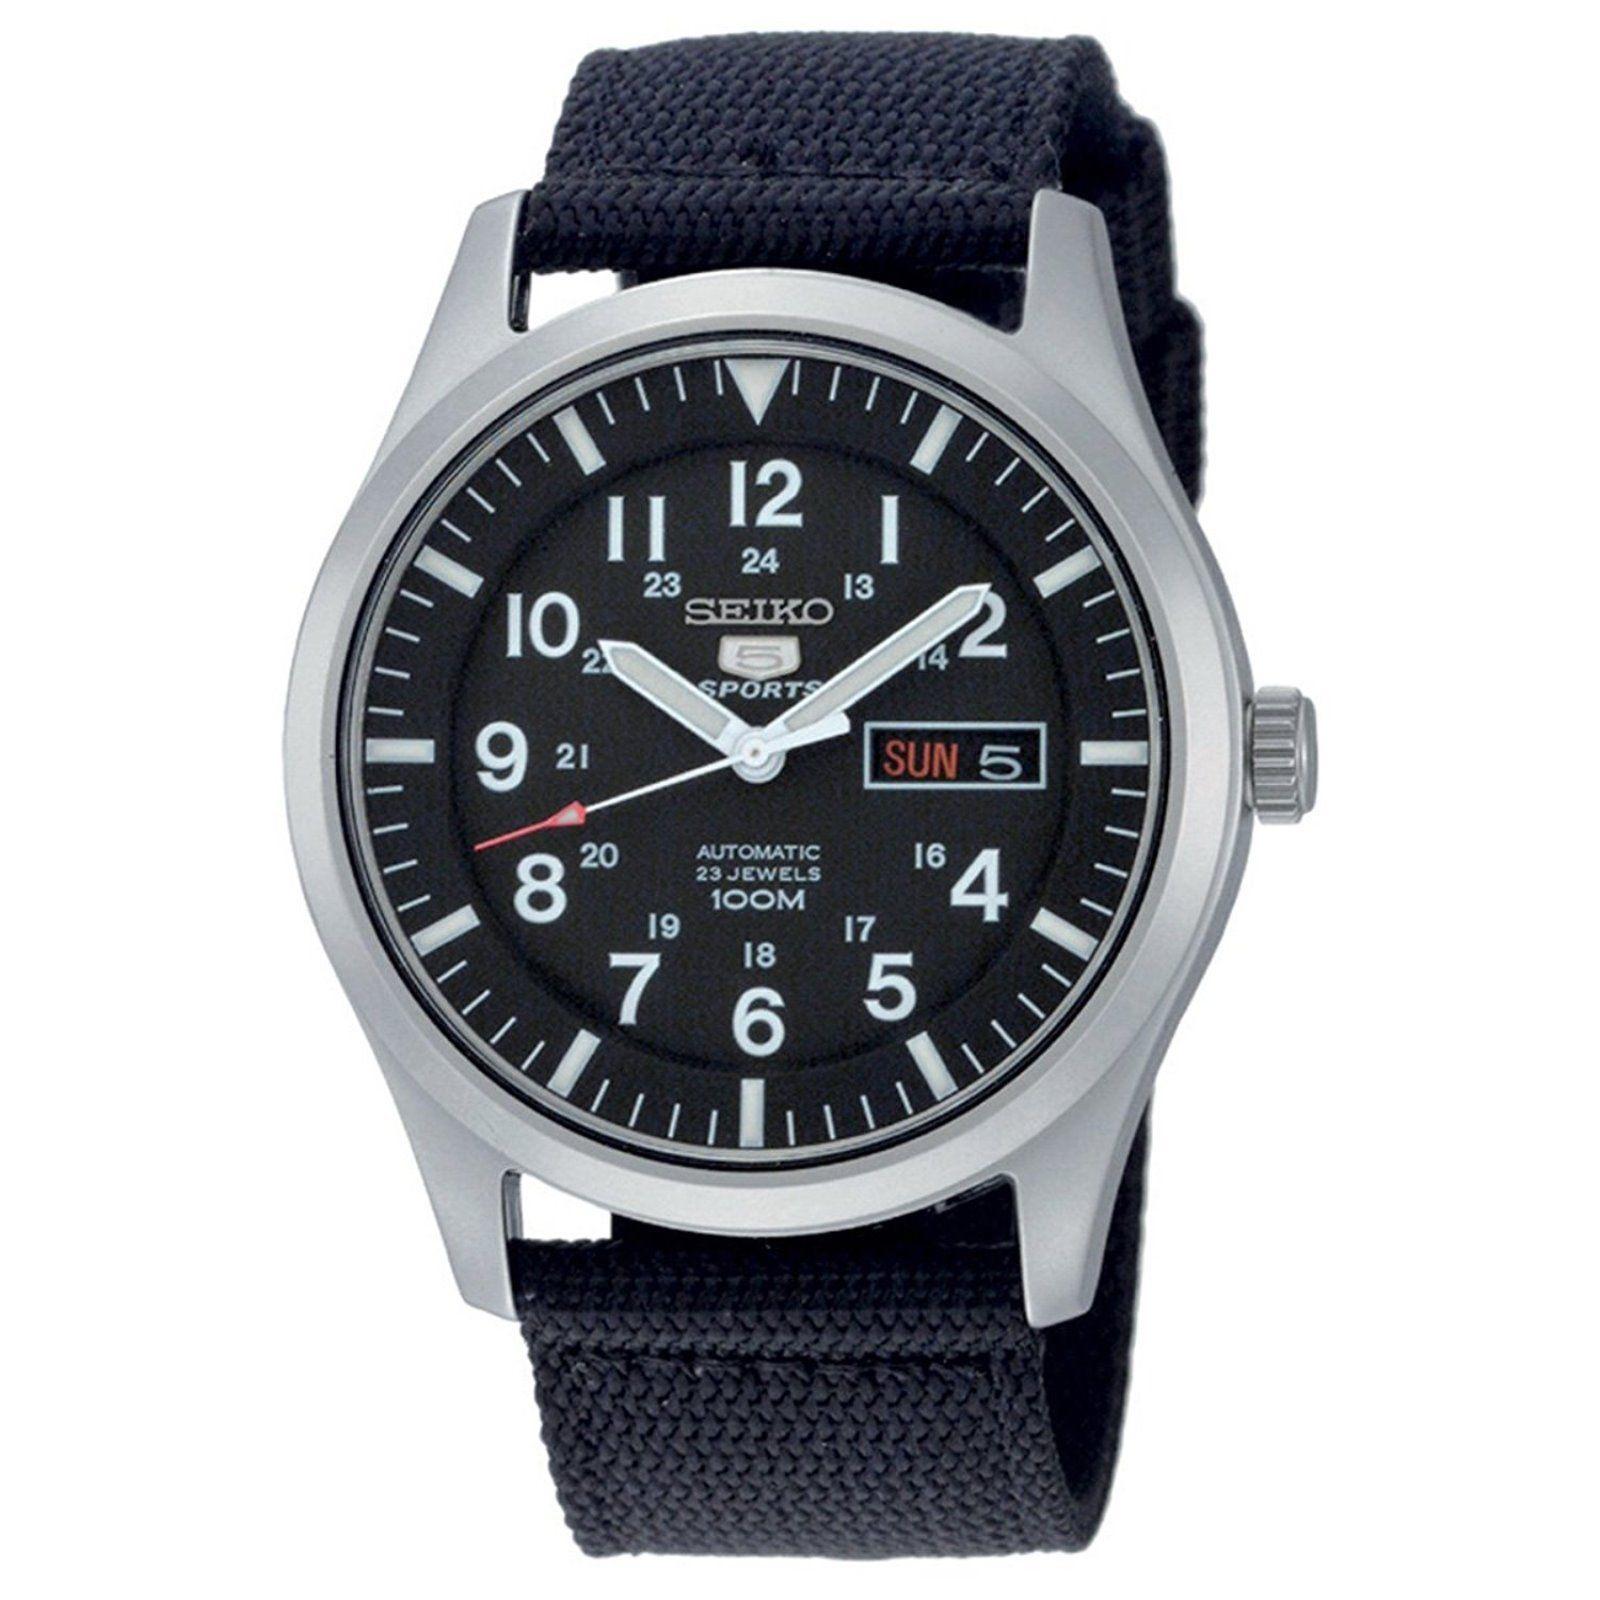 นาฬิกาผู้ชาย Seiko รุ่น SNZG15K1, Seiko 5 Automatic Men's Watch